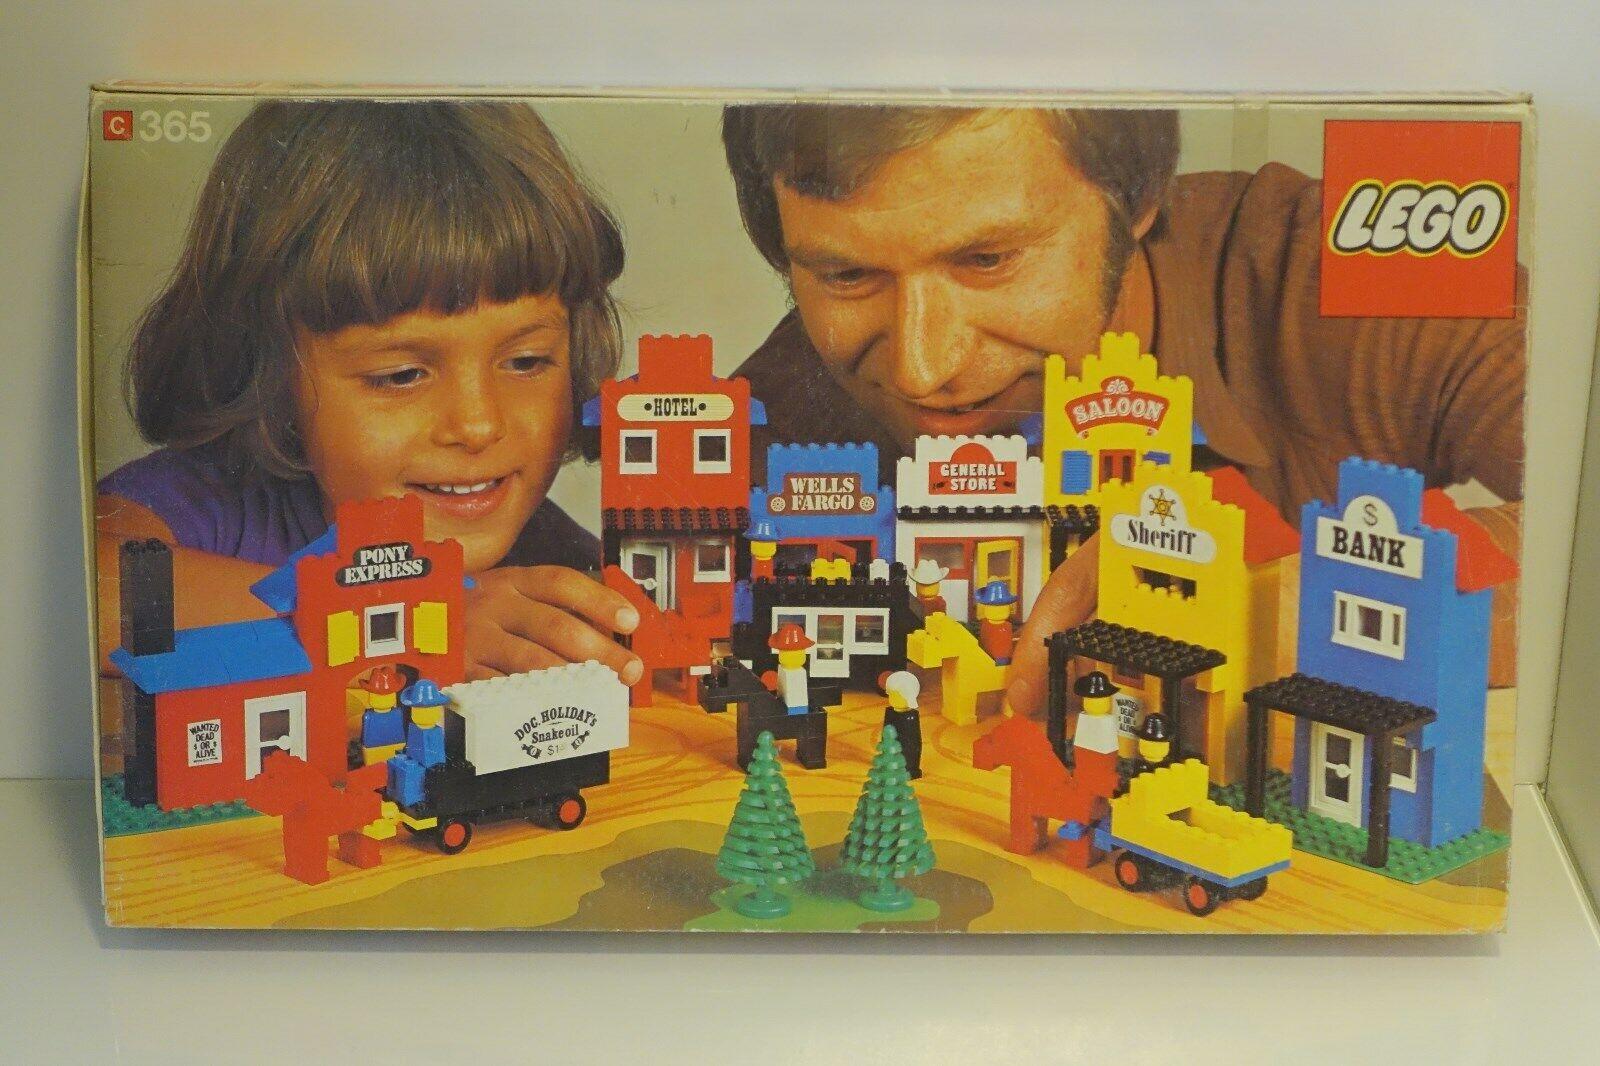 Lego 365 Westernstadt Motivplatte original Bauanleitung + Verpackung TOP 1975